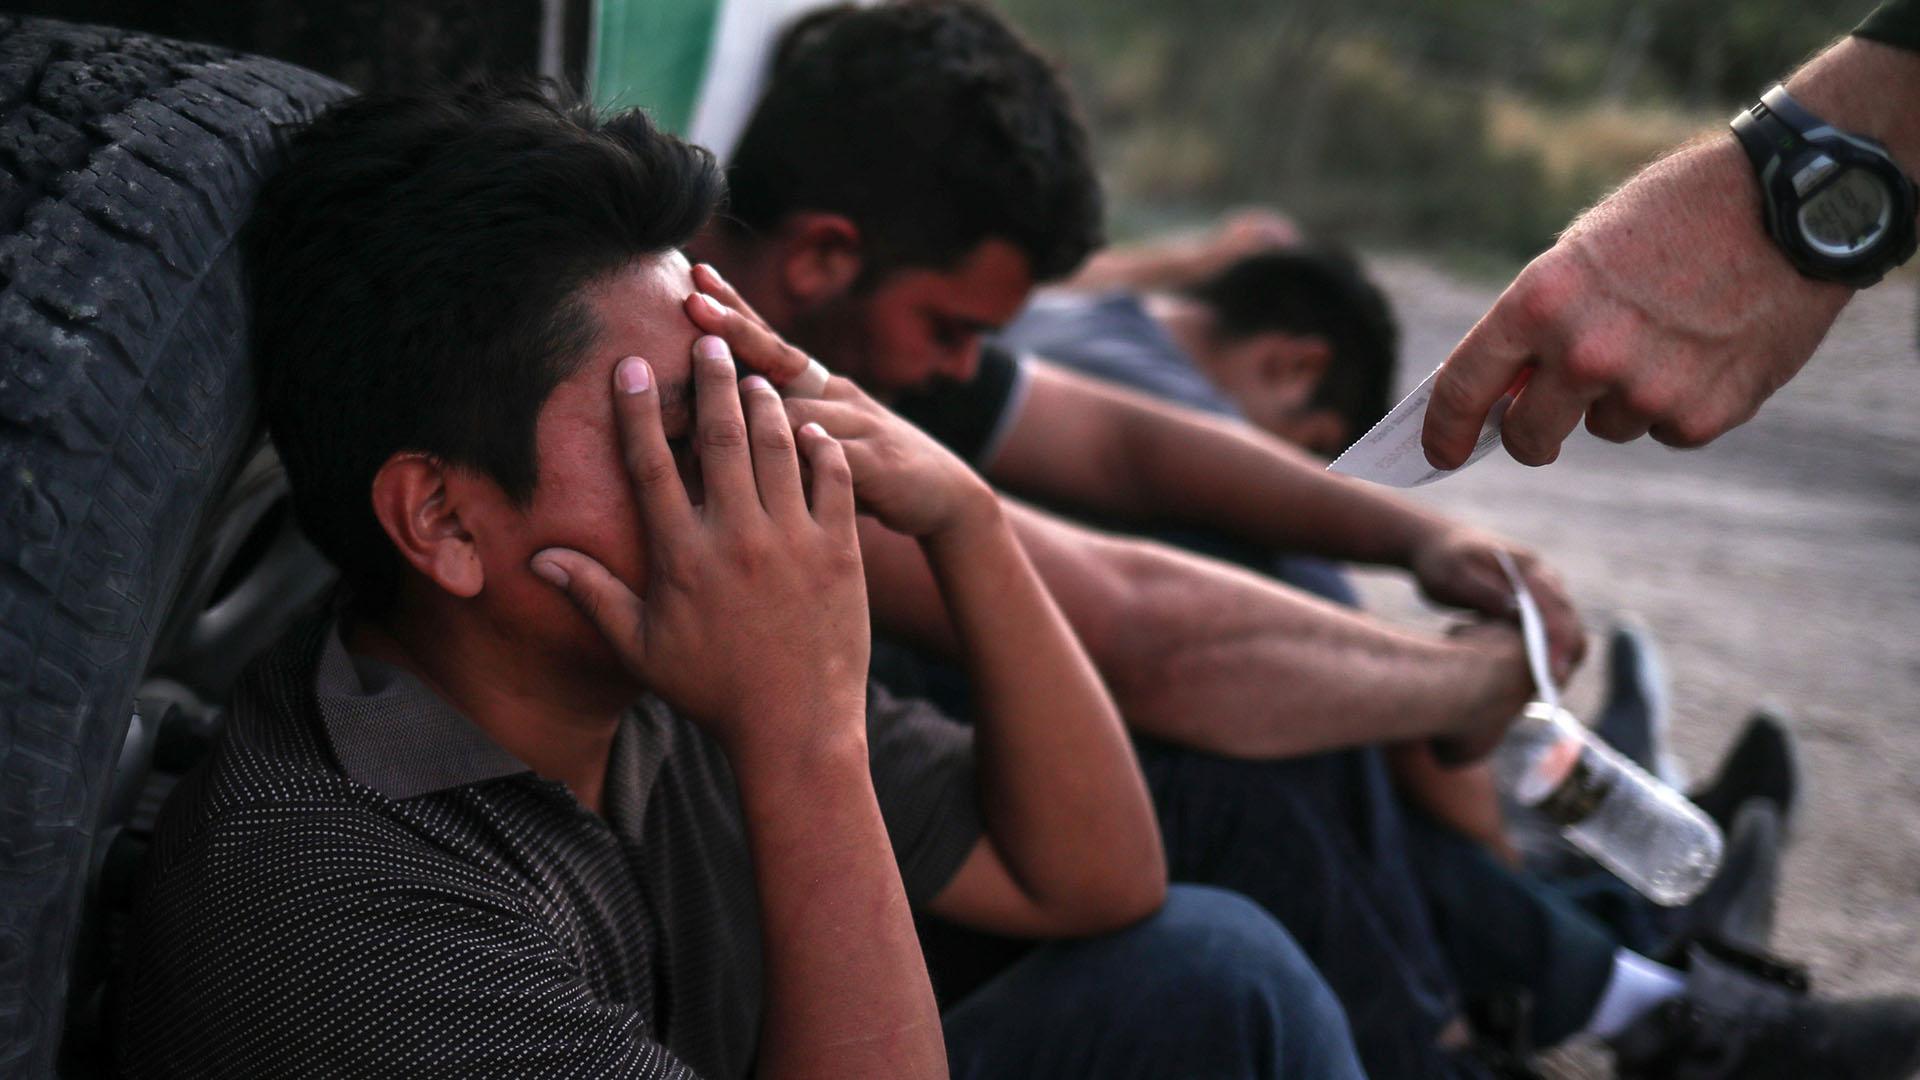 La Patrulla Fronteriza estima que los arrestos pueden llegar a 90.000. (Reuters)